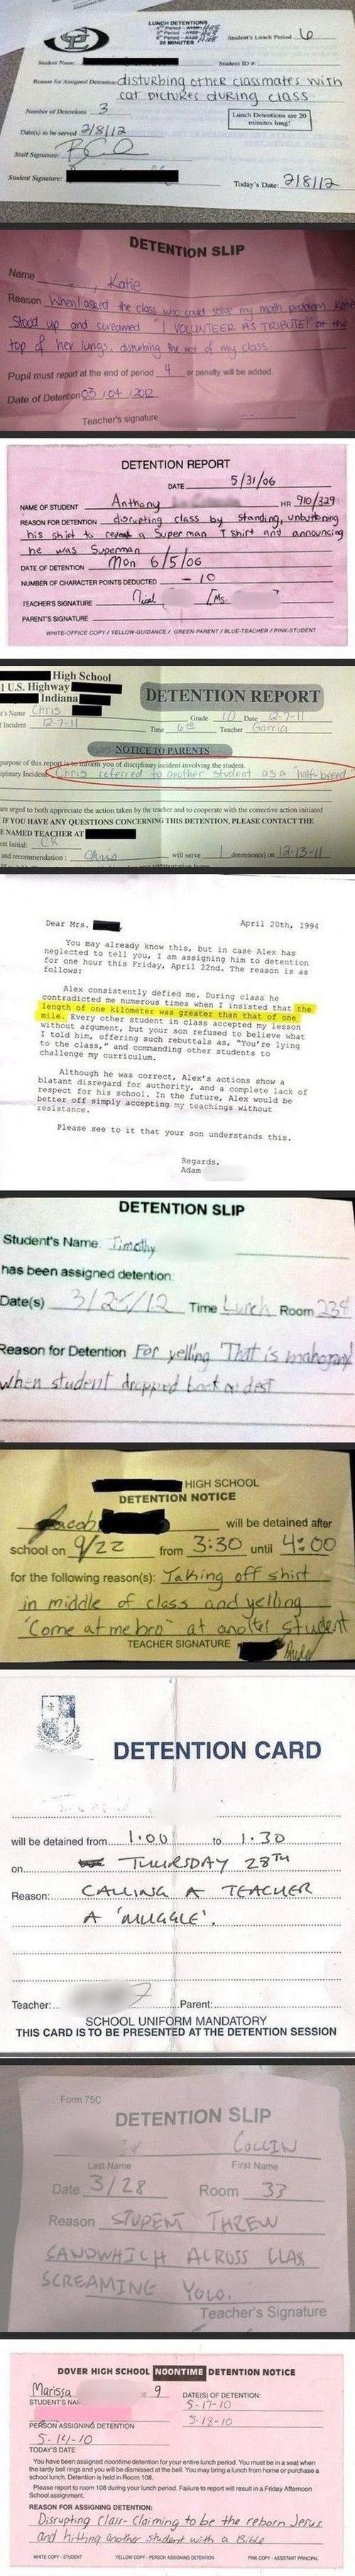 Detention Slips